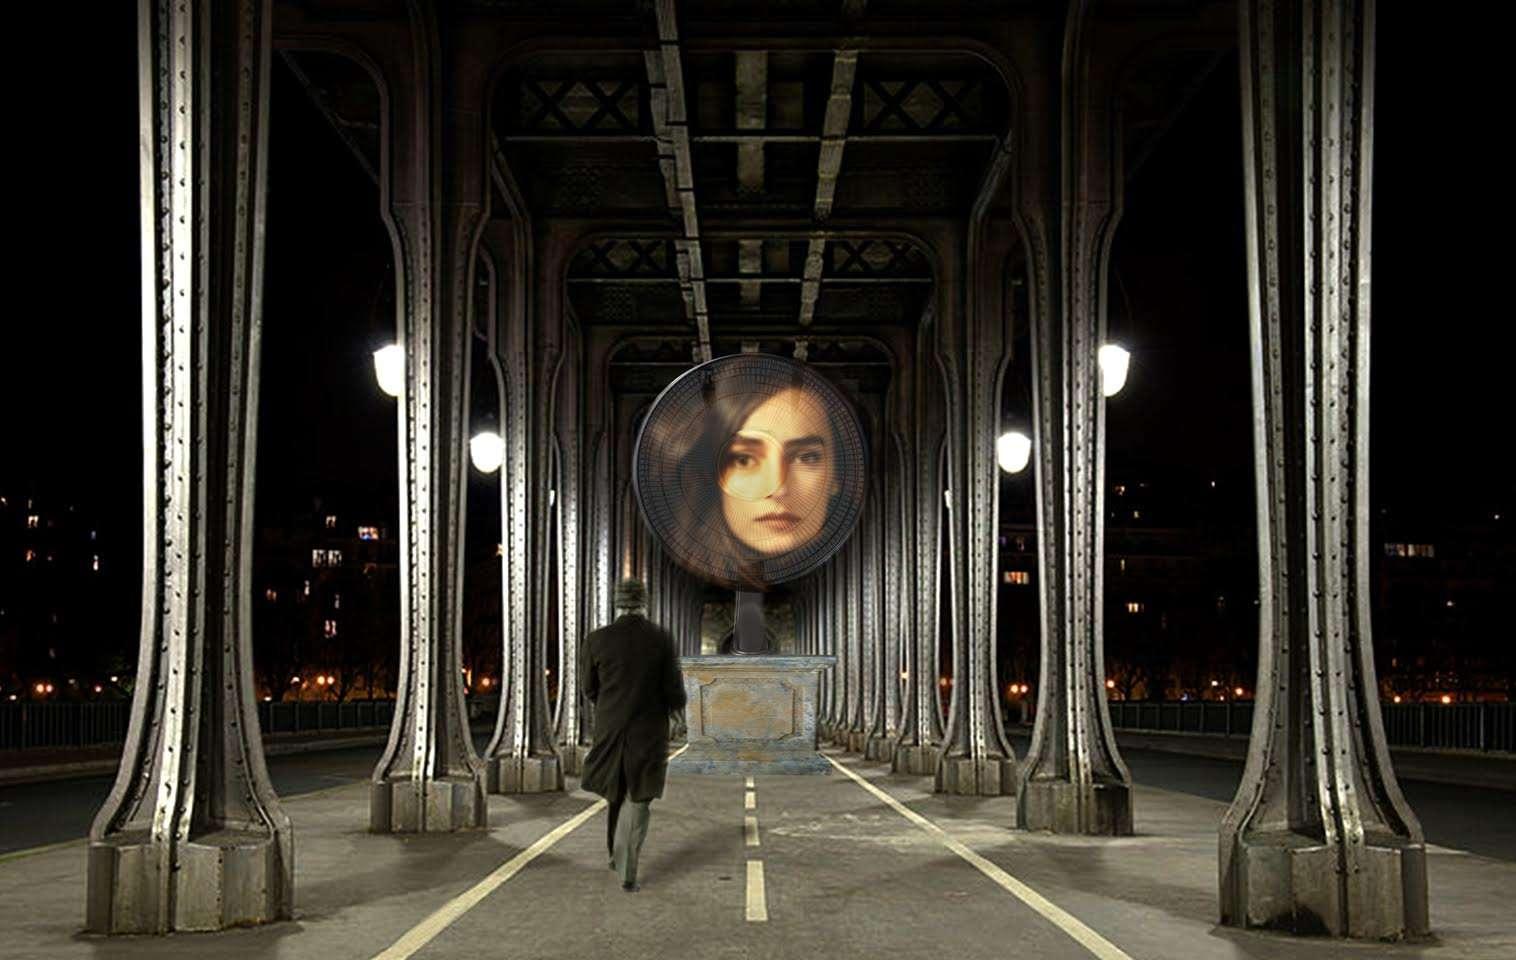 «Néanmoins, le doute subsiste. L'image vacillante d'un visage mise en scène par Alain Fleischer attire notre attention sur le pont Bir-Hakeim. Tout ceci ne serait qu'illusion?»